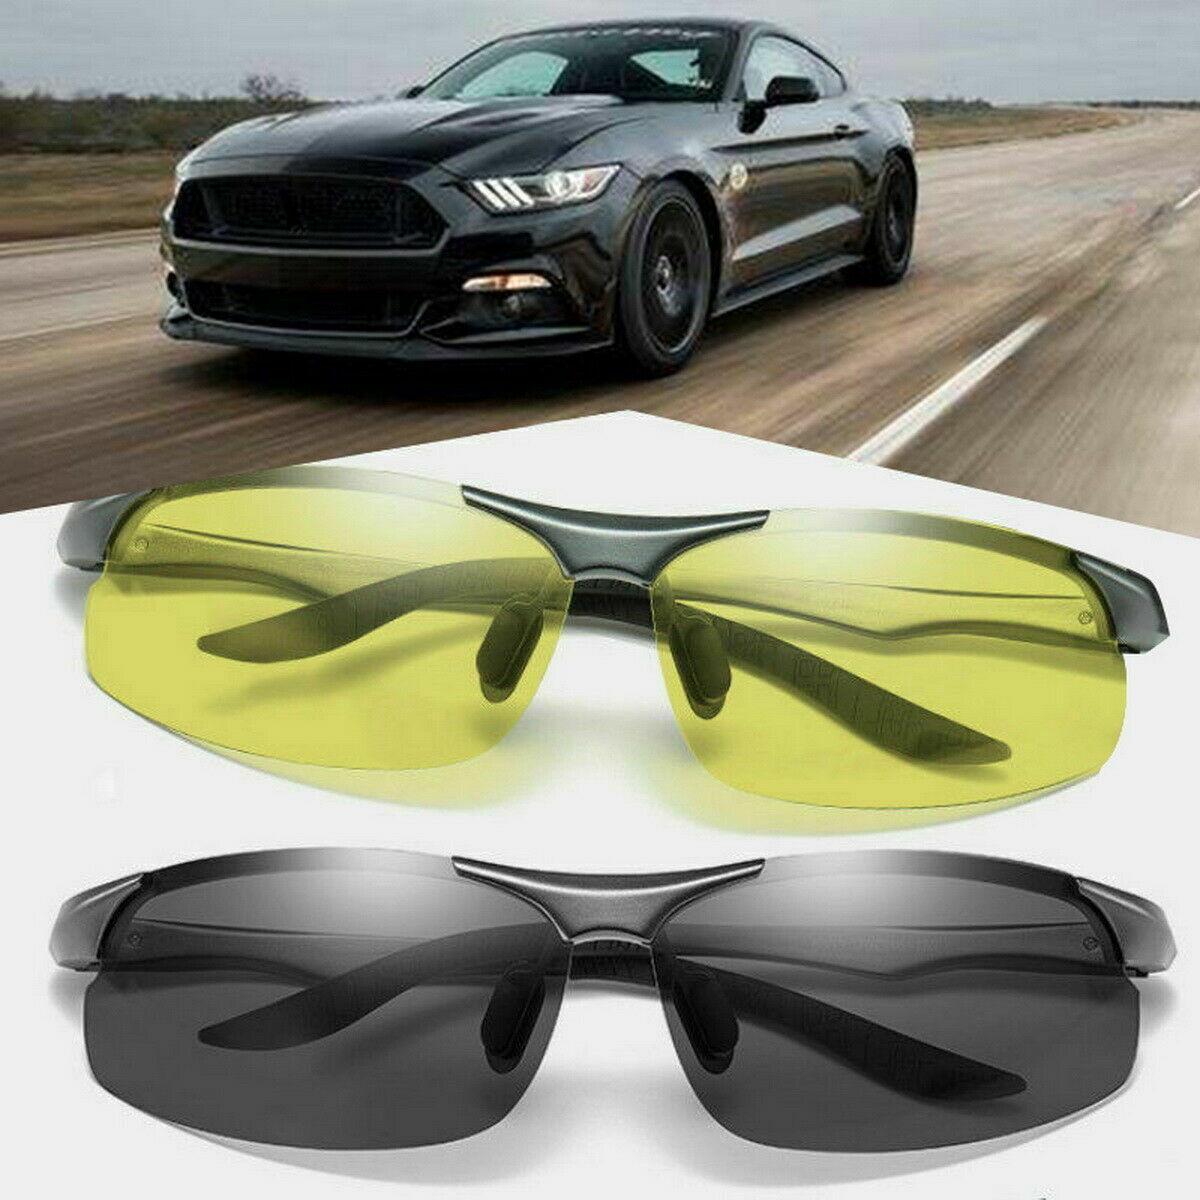 Nachtfahrbrille Nachtsichtbrille Auto Sonnenbrille Vision Kontrast-Brille KFZ UV